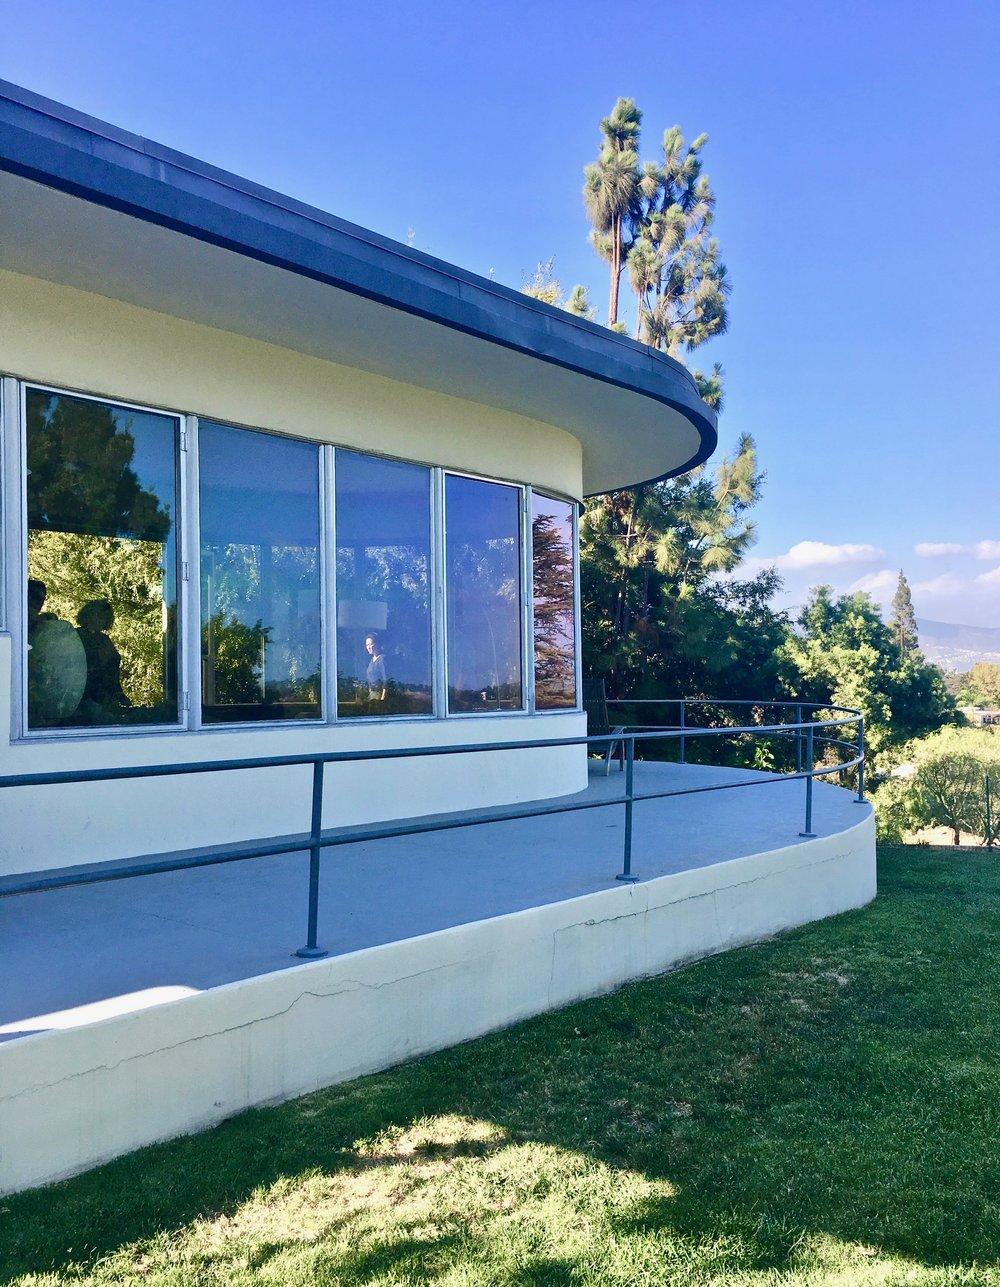 lipetz-house-streamline-moderne.jpg